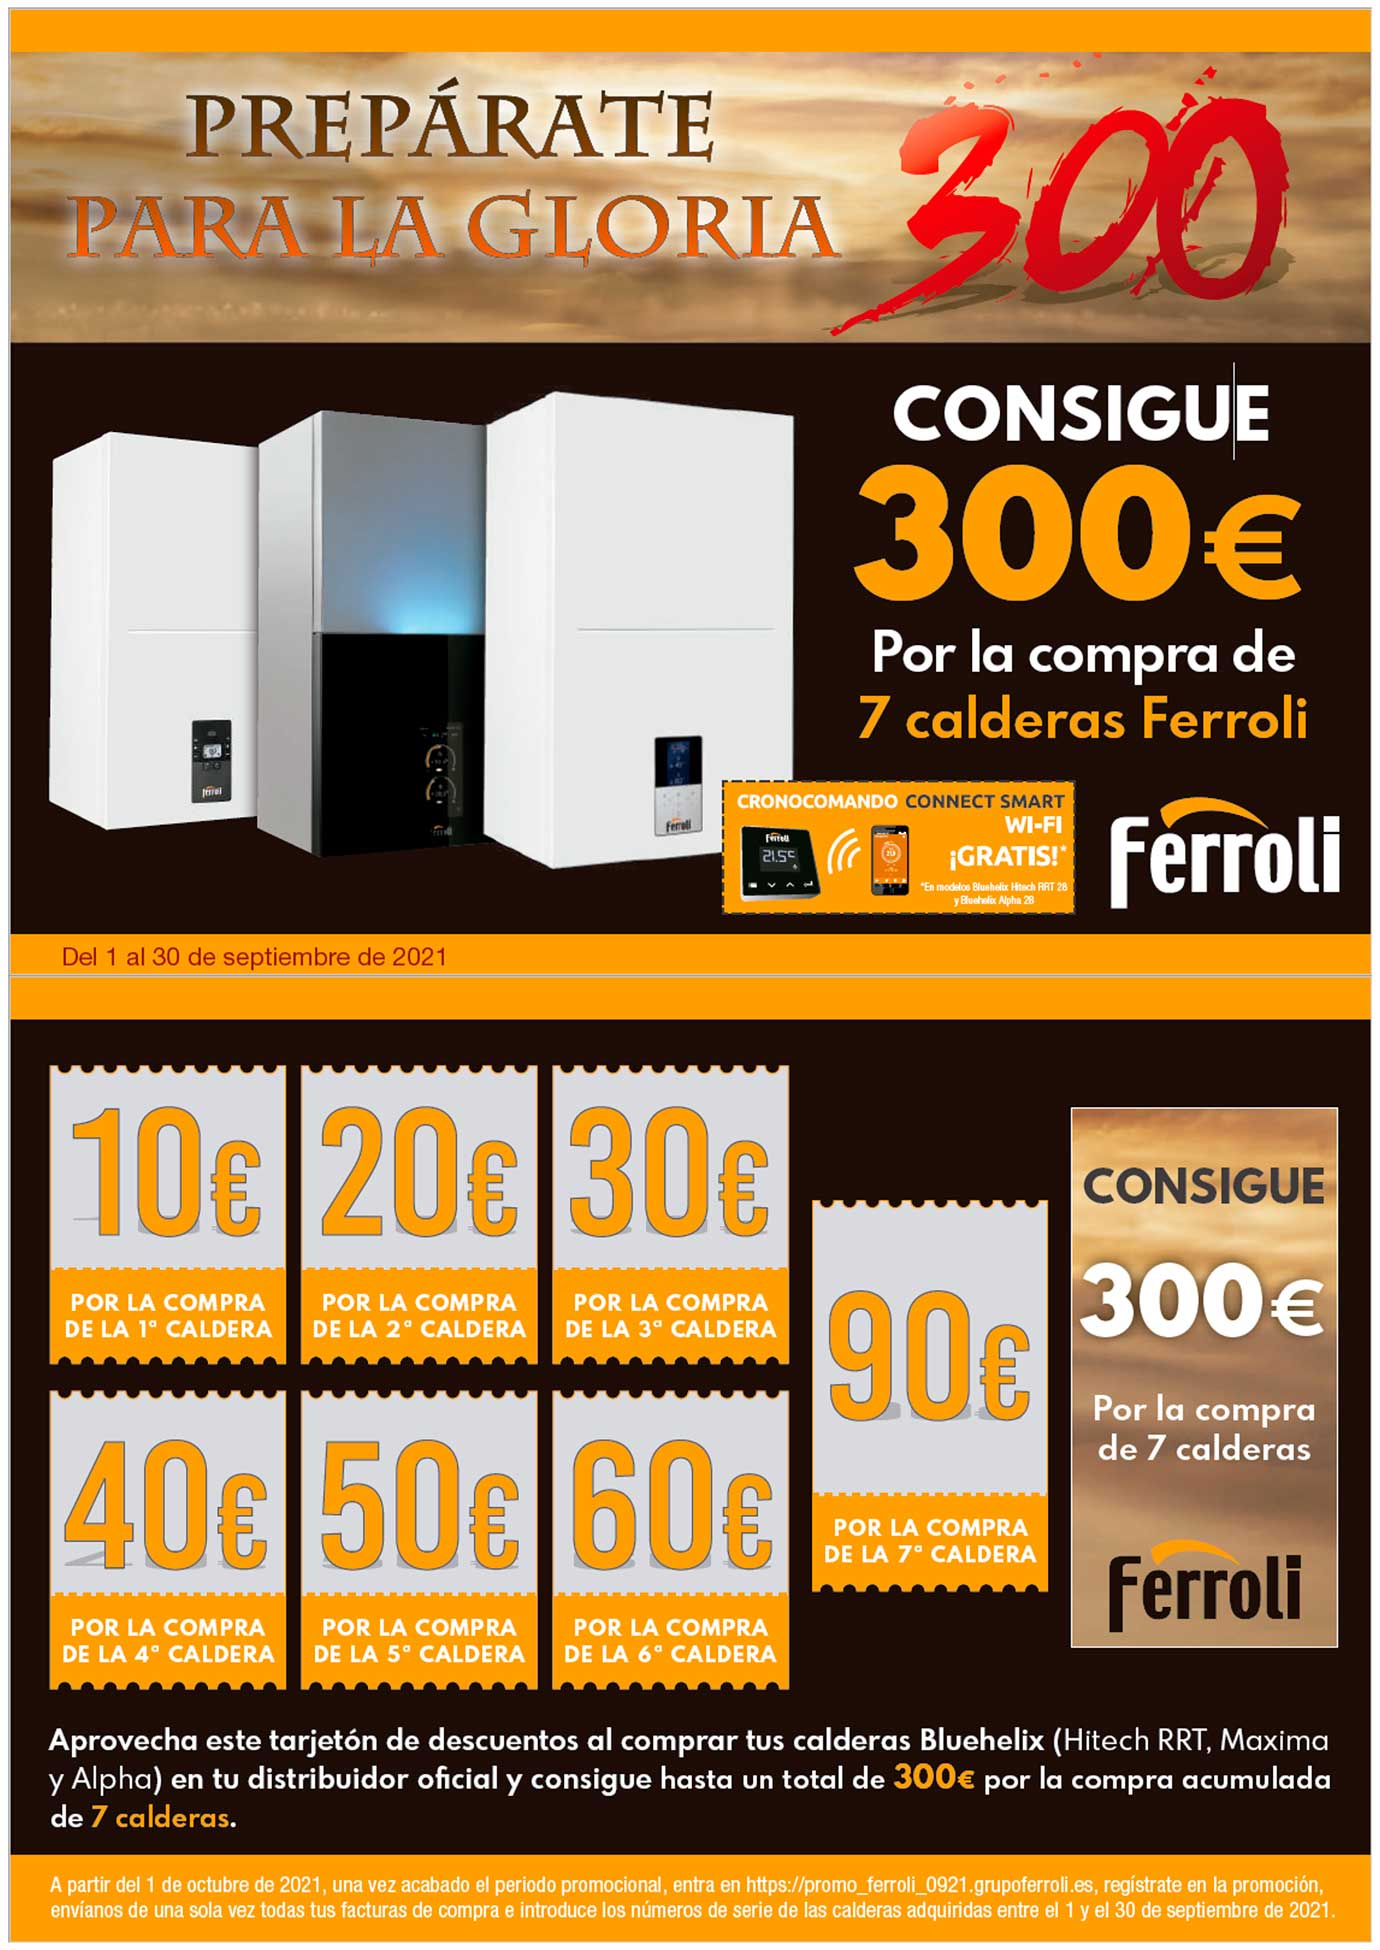 Promoción bono Ferroli 300 euros septiembre 2021